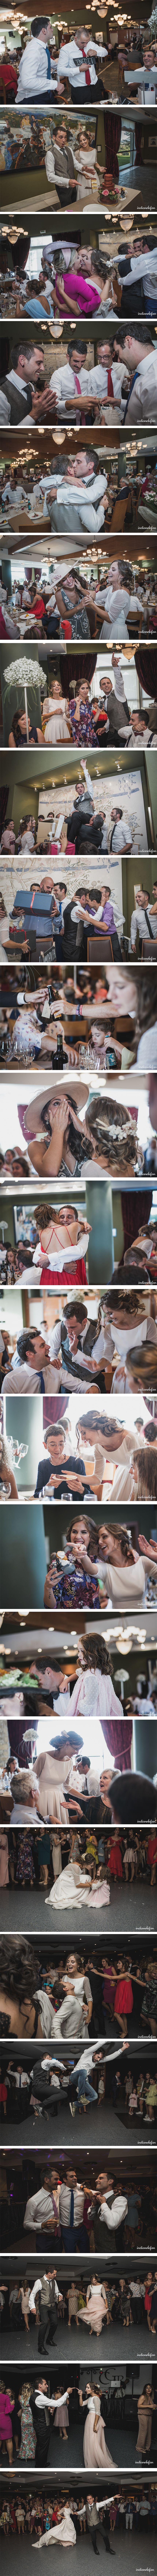 navarra fotógrafos de bodas